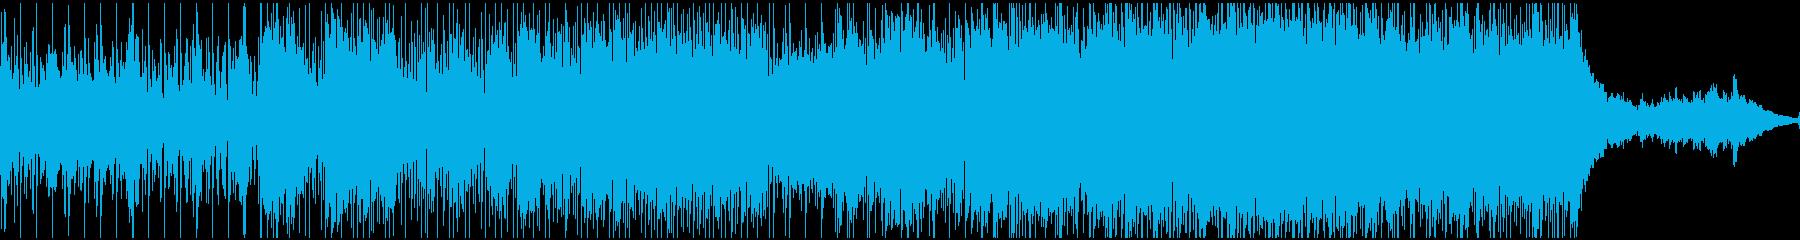 オフビートのドラムグルーブをシャッ...の再生済みの波形